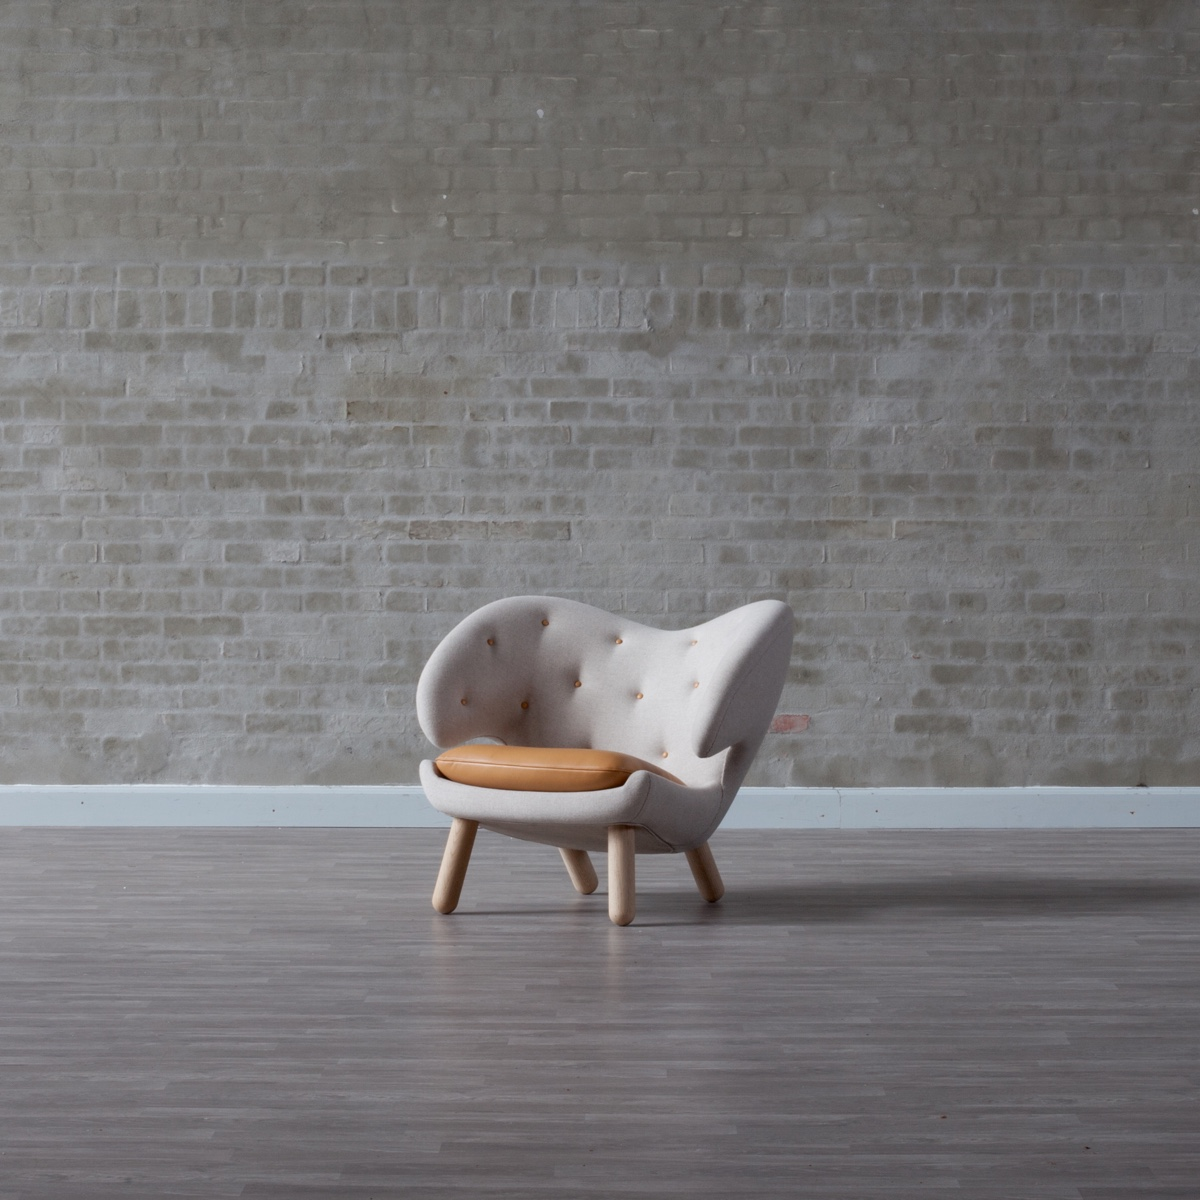 Стулья 40-х годов от дизайнера Финна Юля - Pelican. Фото 1